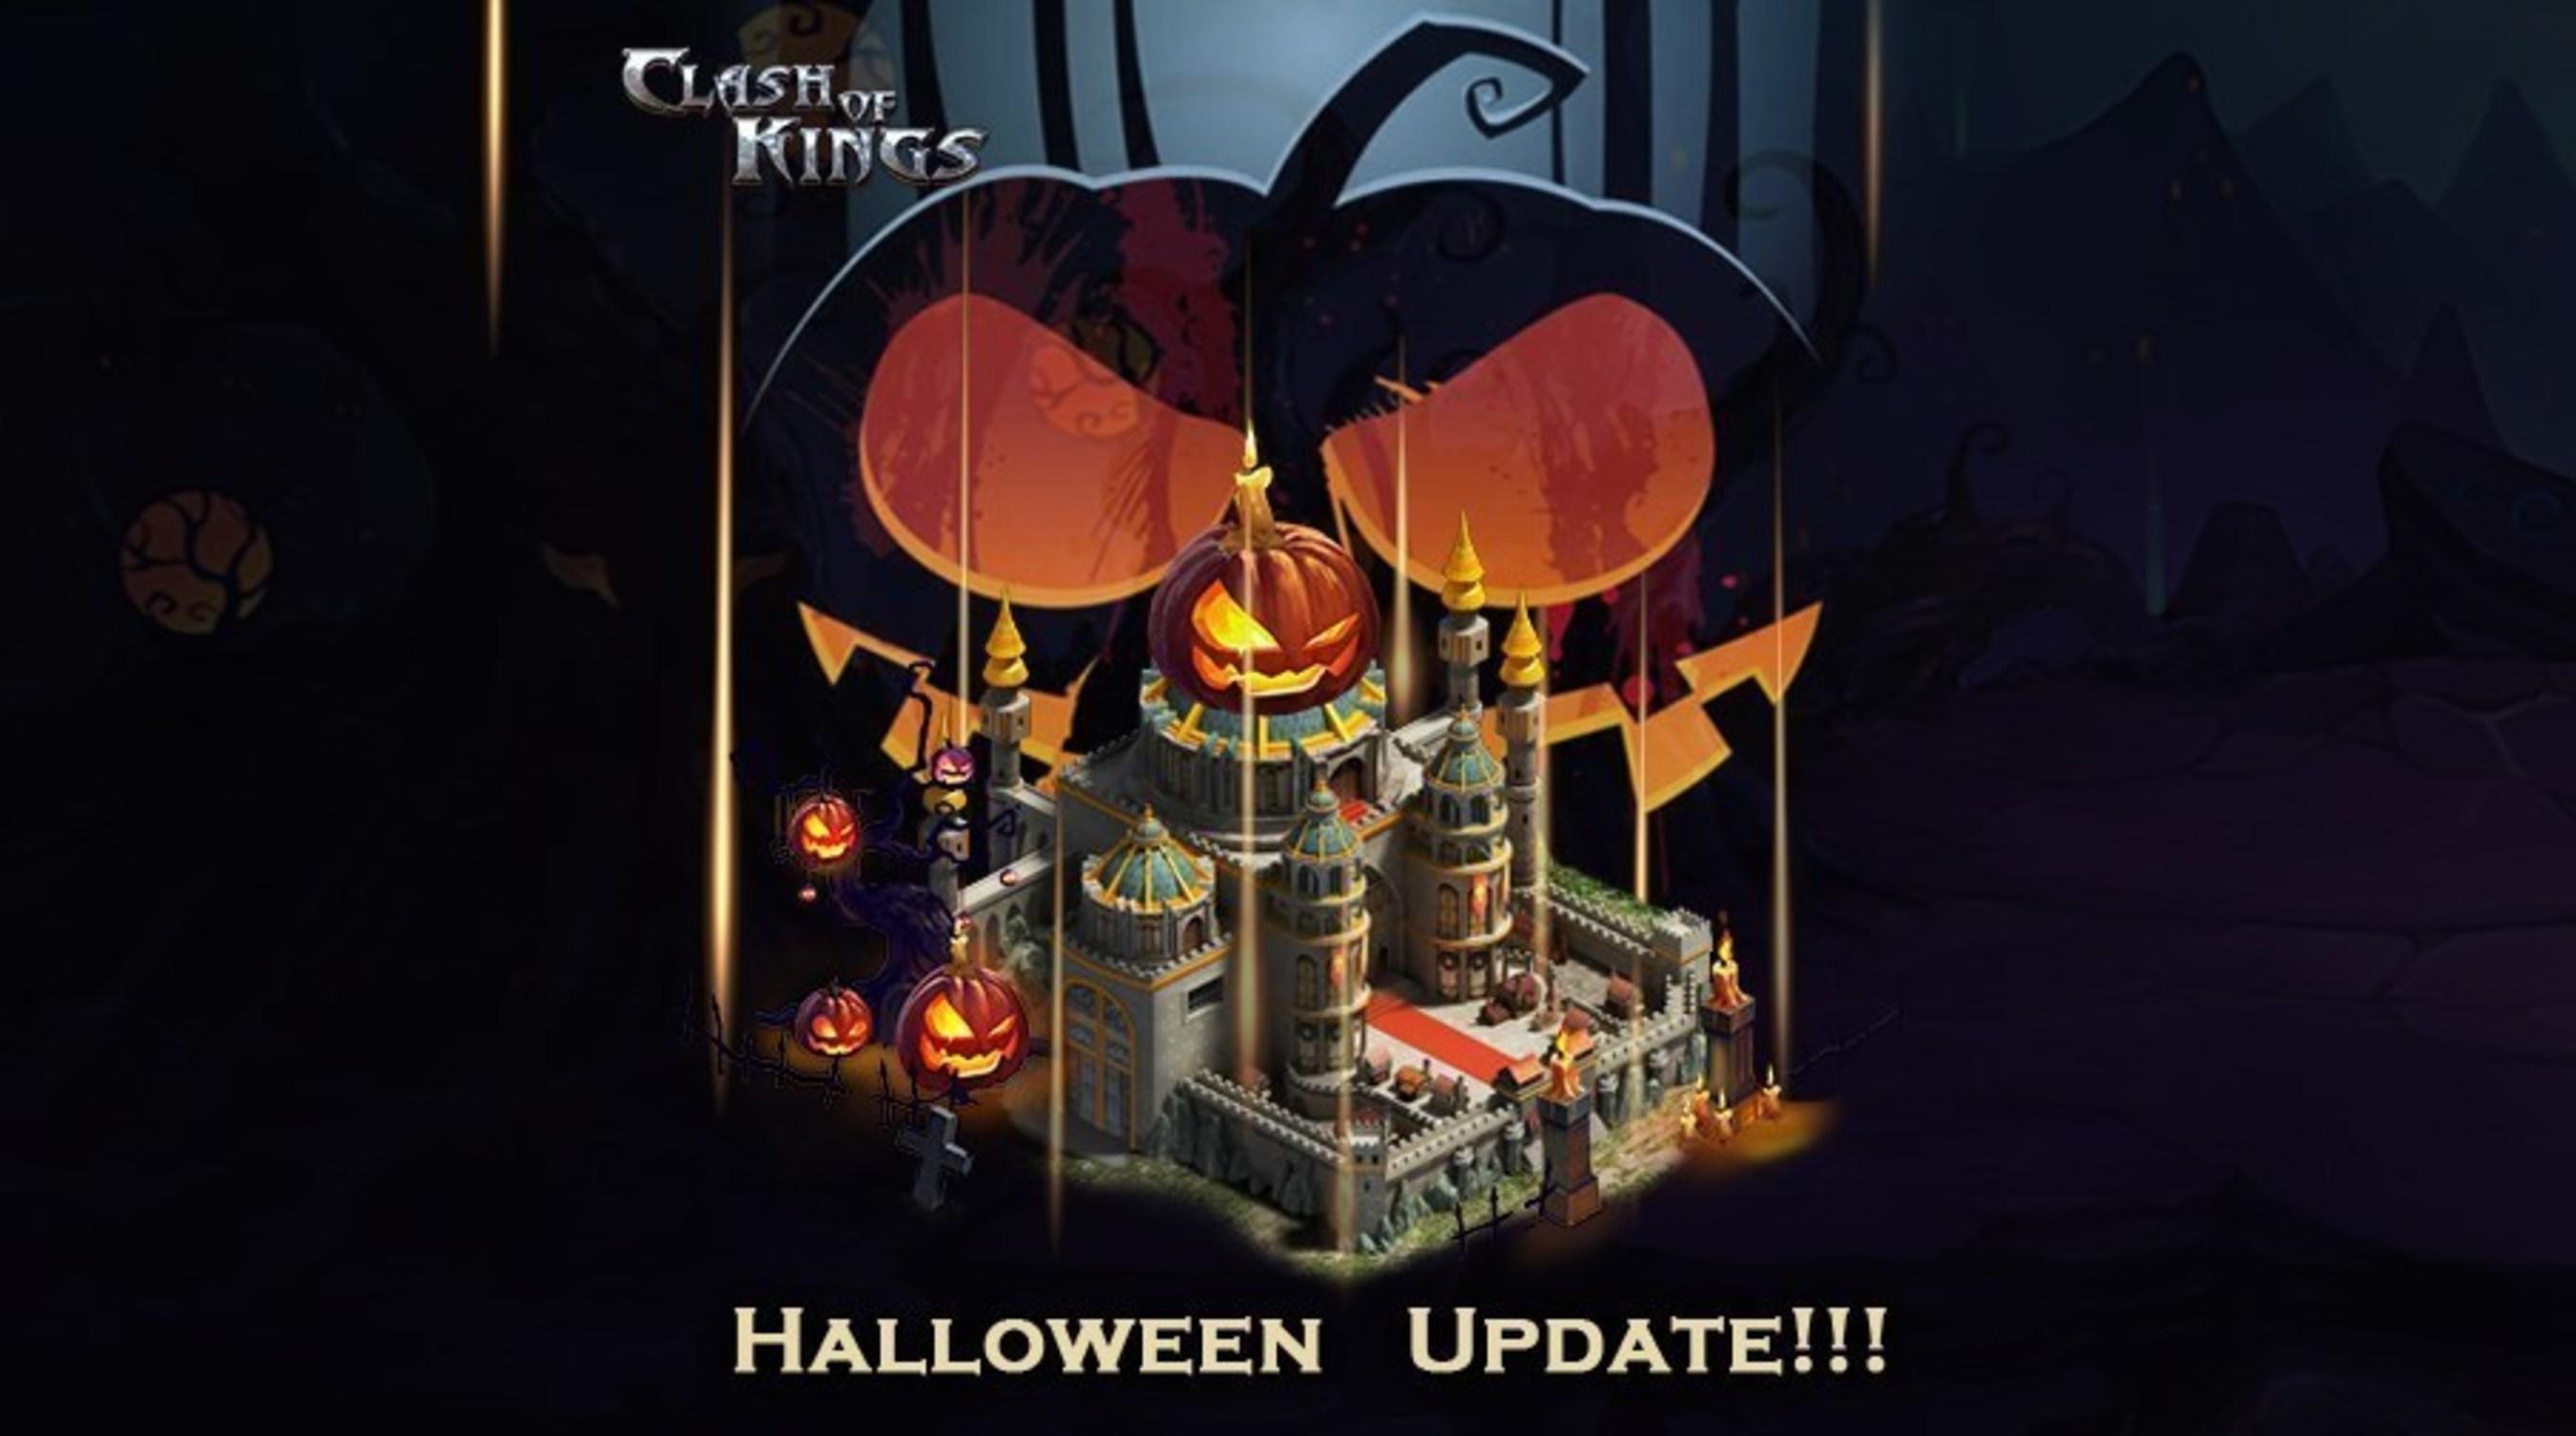 Freigabe von Clash of Kings Halloween-Update - Jetzt spielen!